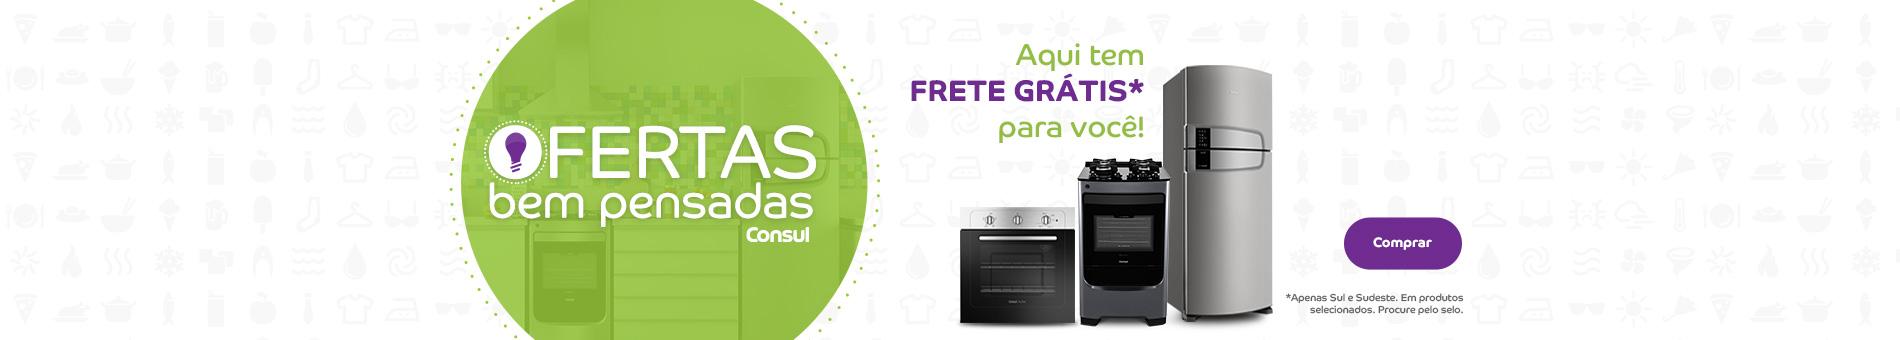 Promoção Interna - 1530 - ofertas_fretegratis_27032017_home1 - fretegratis - 1